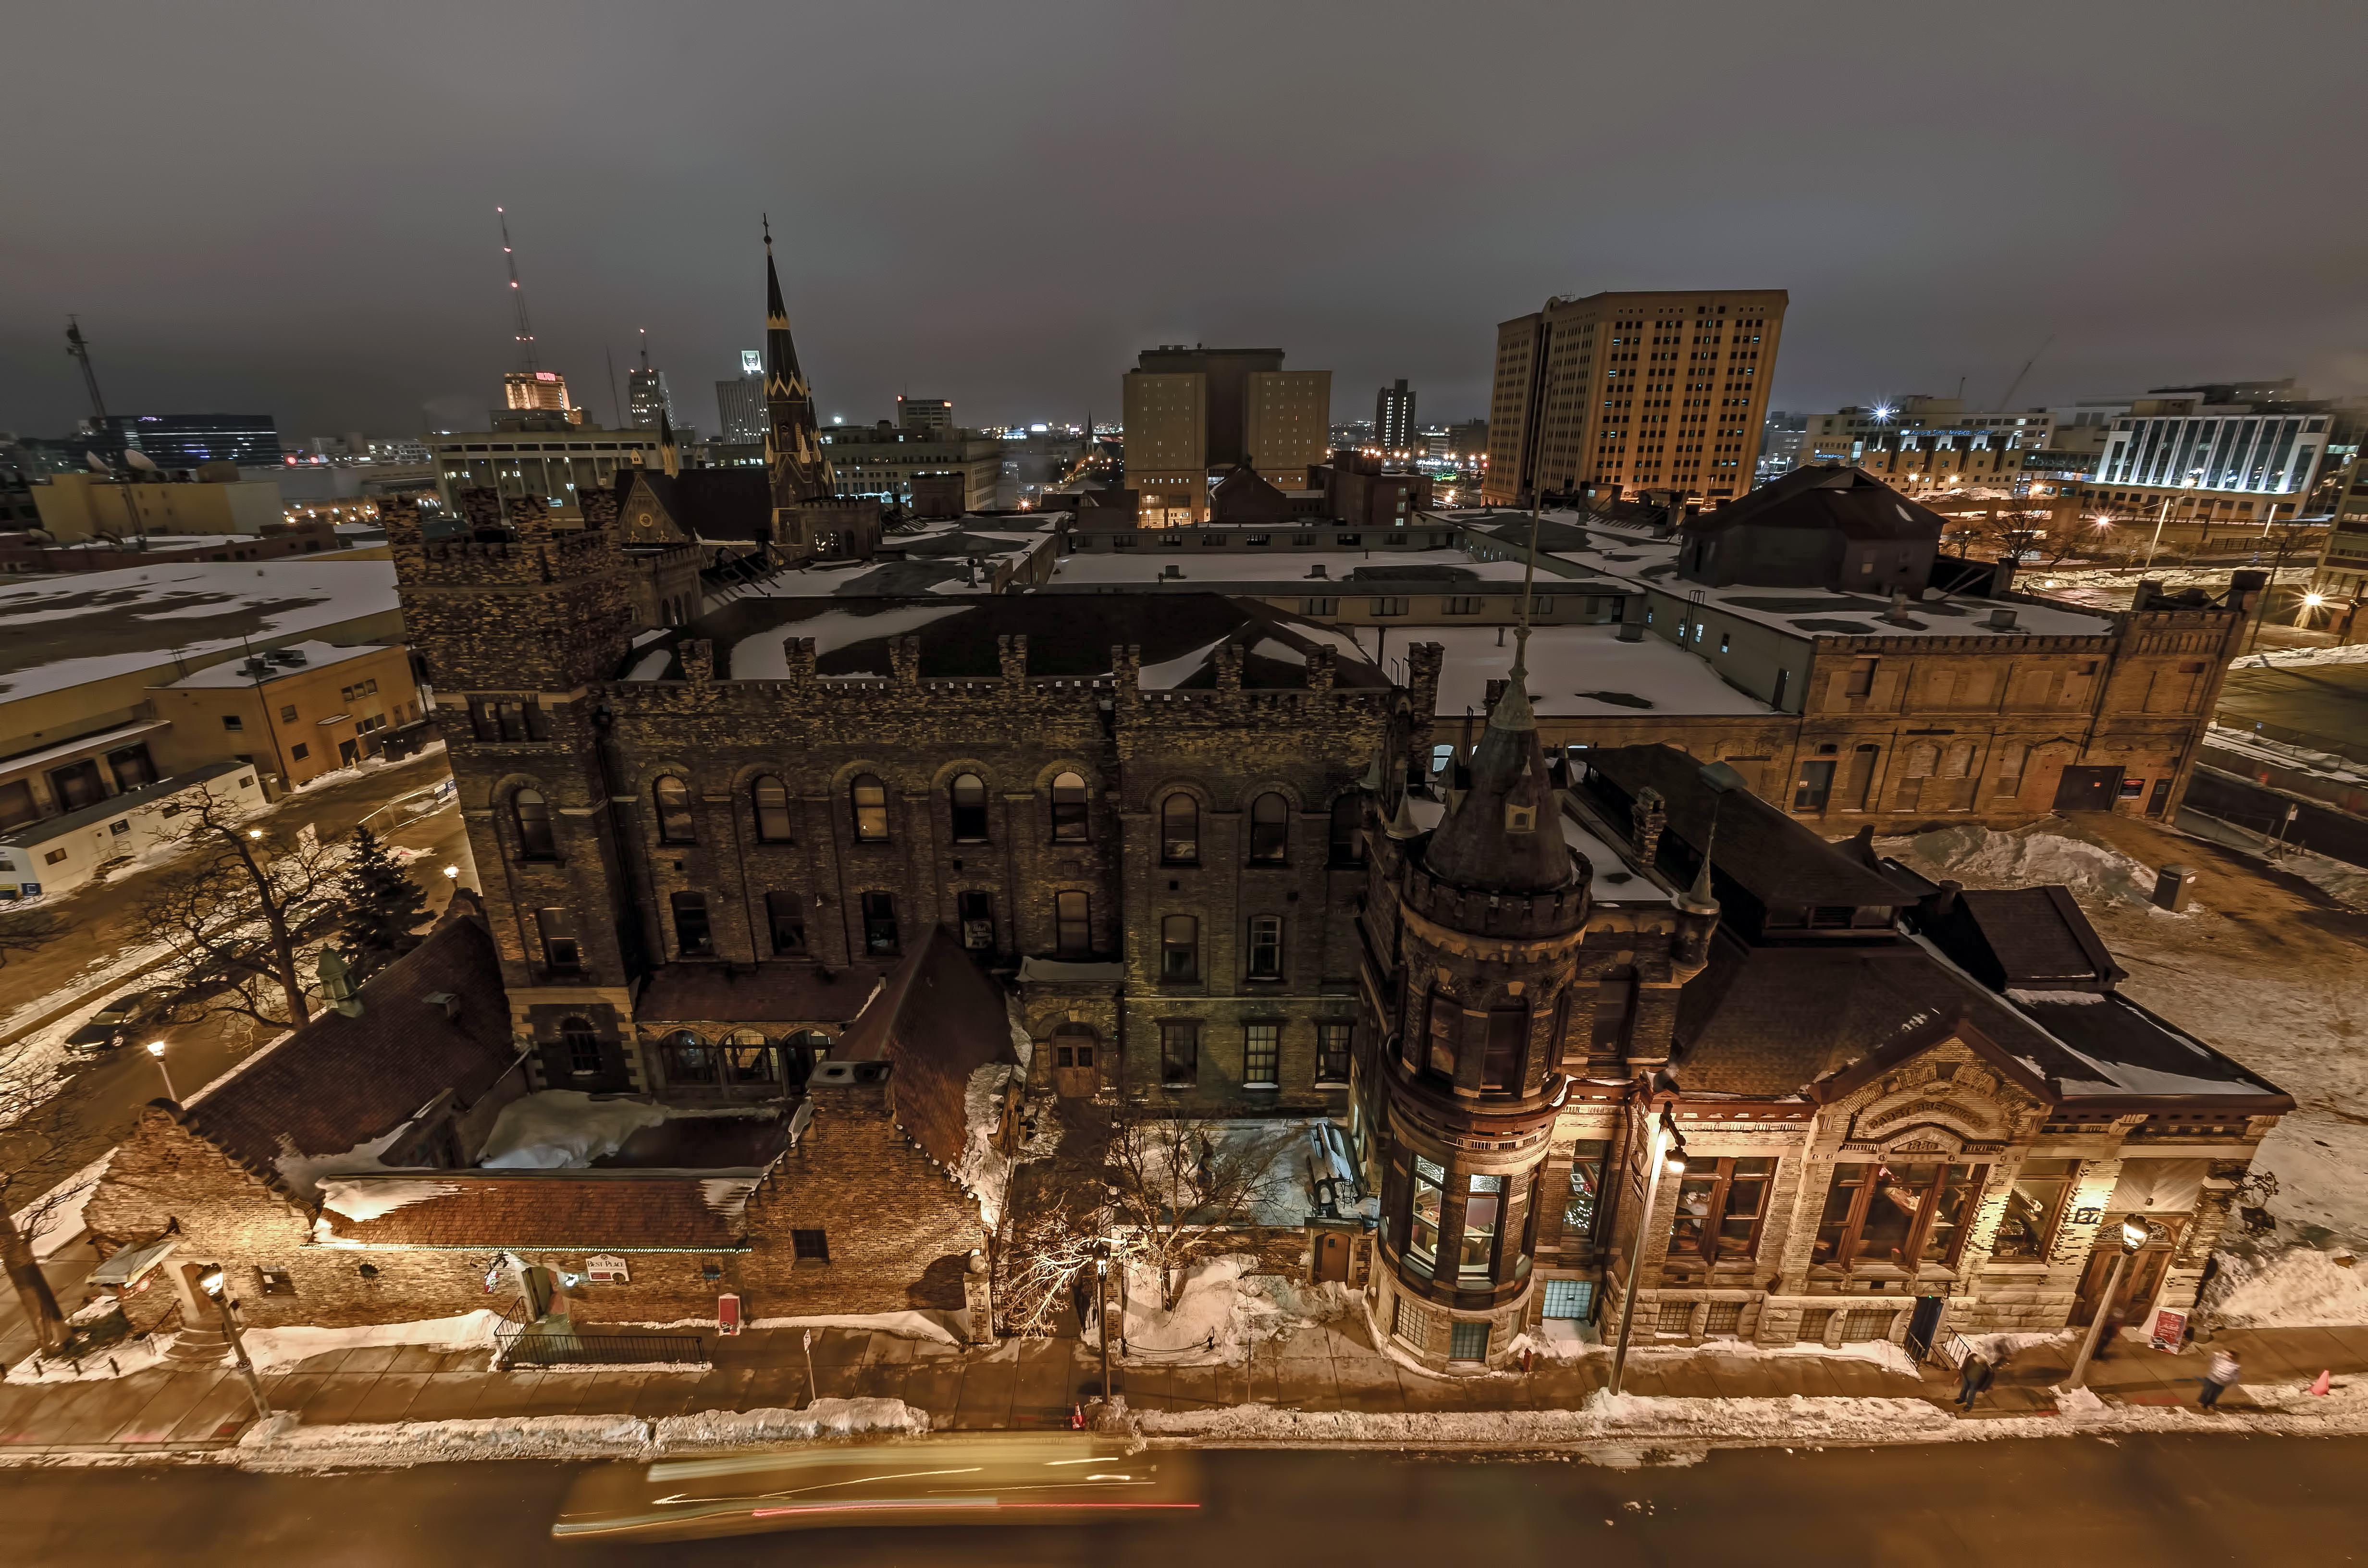 Hình nền : Thành phố, tiếp xúc lâu, bia, Wisconsin, Kiến trúc, phong cảnh, nhiếp ảnh, Nikon, Trung tâm thành phố, Cảnh thành phố, Cảnh đêm, Milwaukee, ...